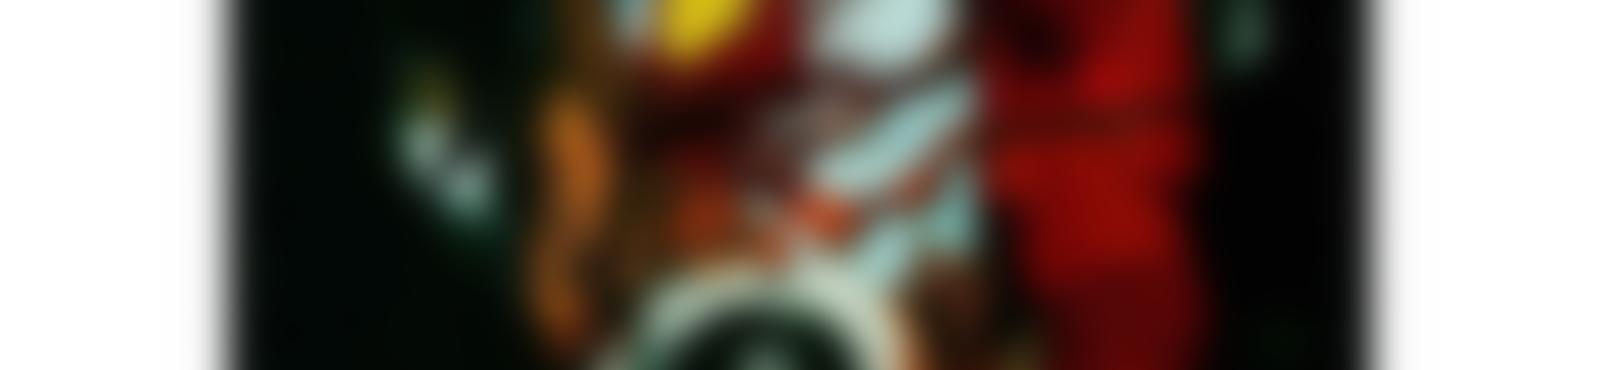 Blurred dee81bb1 fffd 4c26 ab7c 4f65659e9dbf